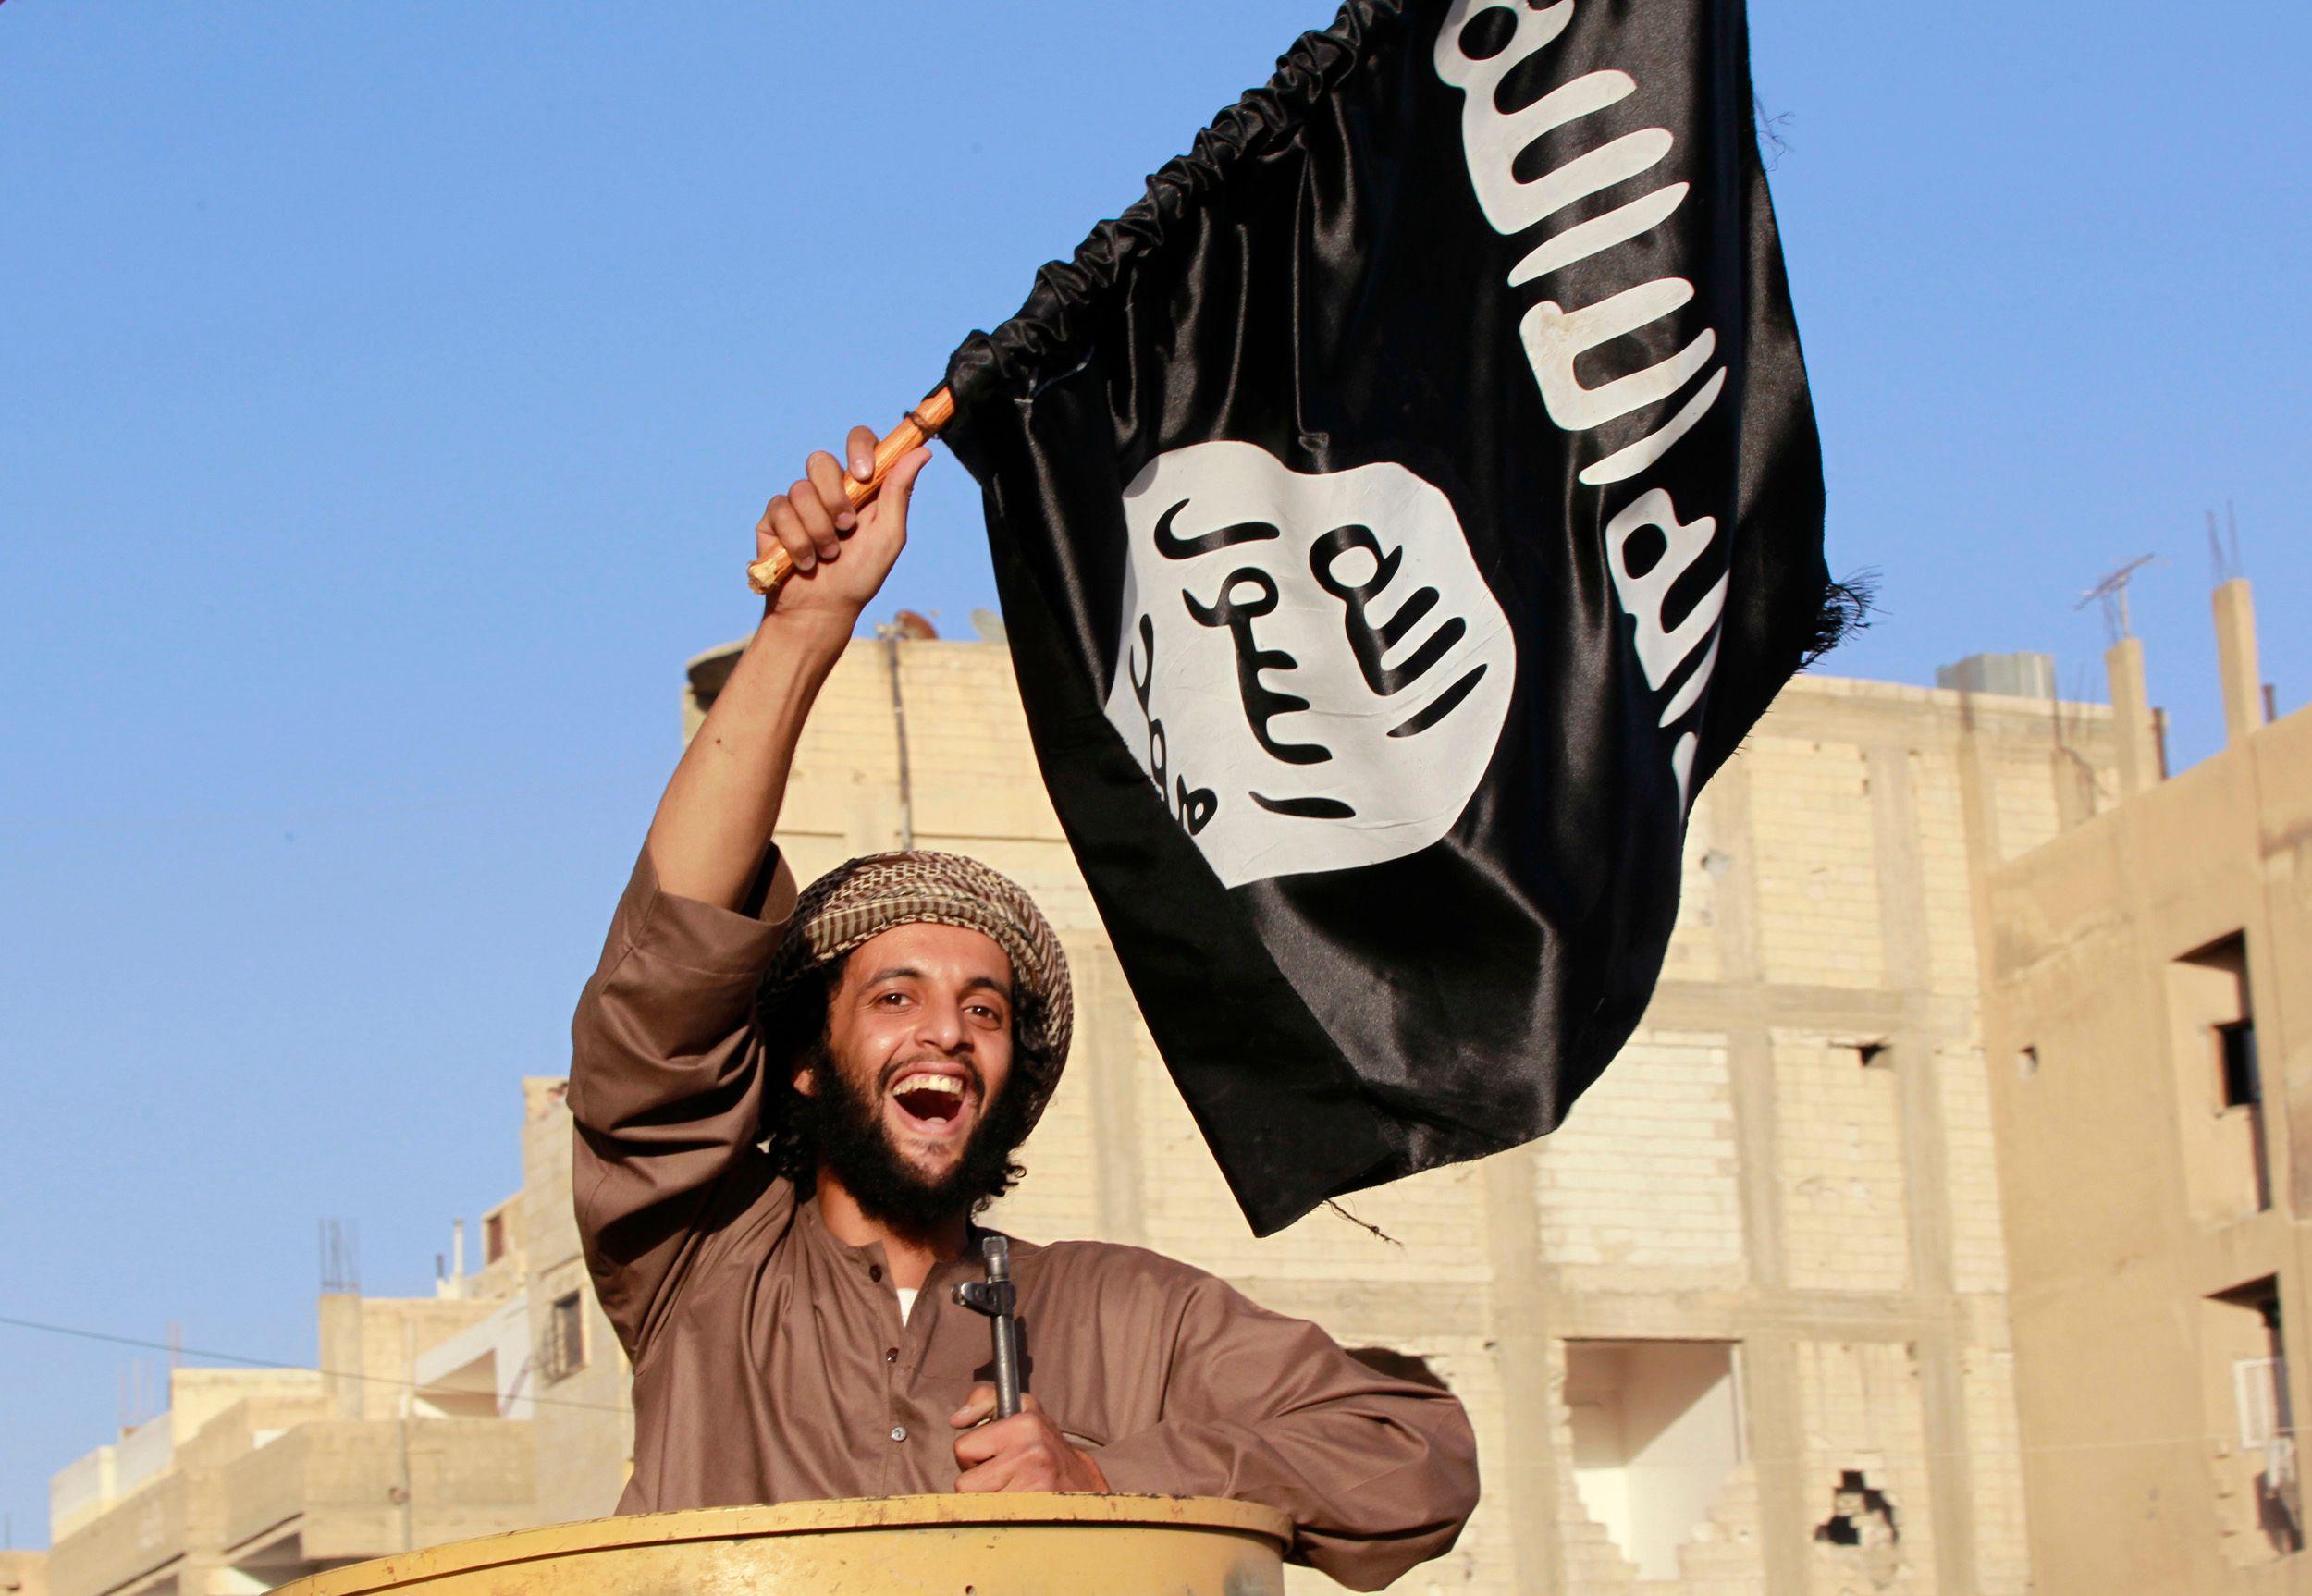 La vidéo aurait été tournée dans la ville de Hawija, en Irak.